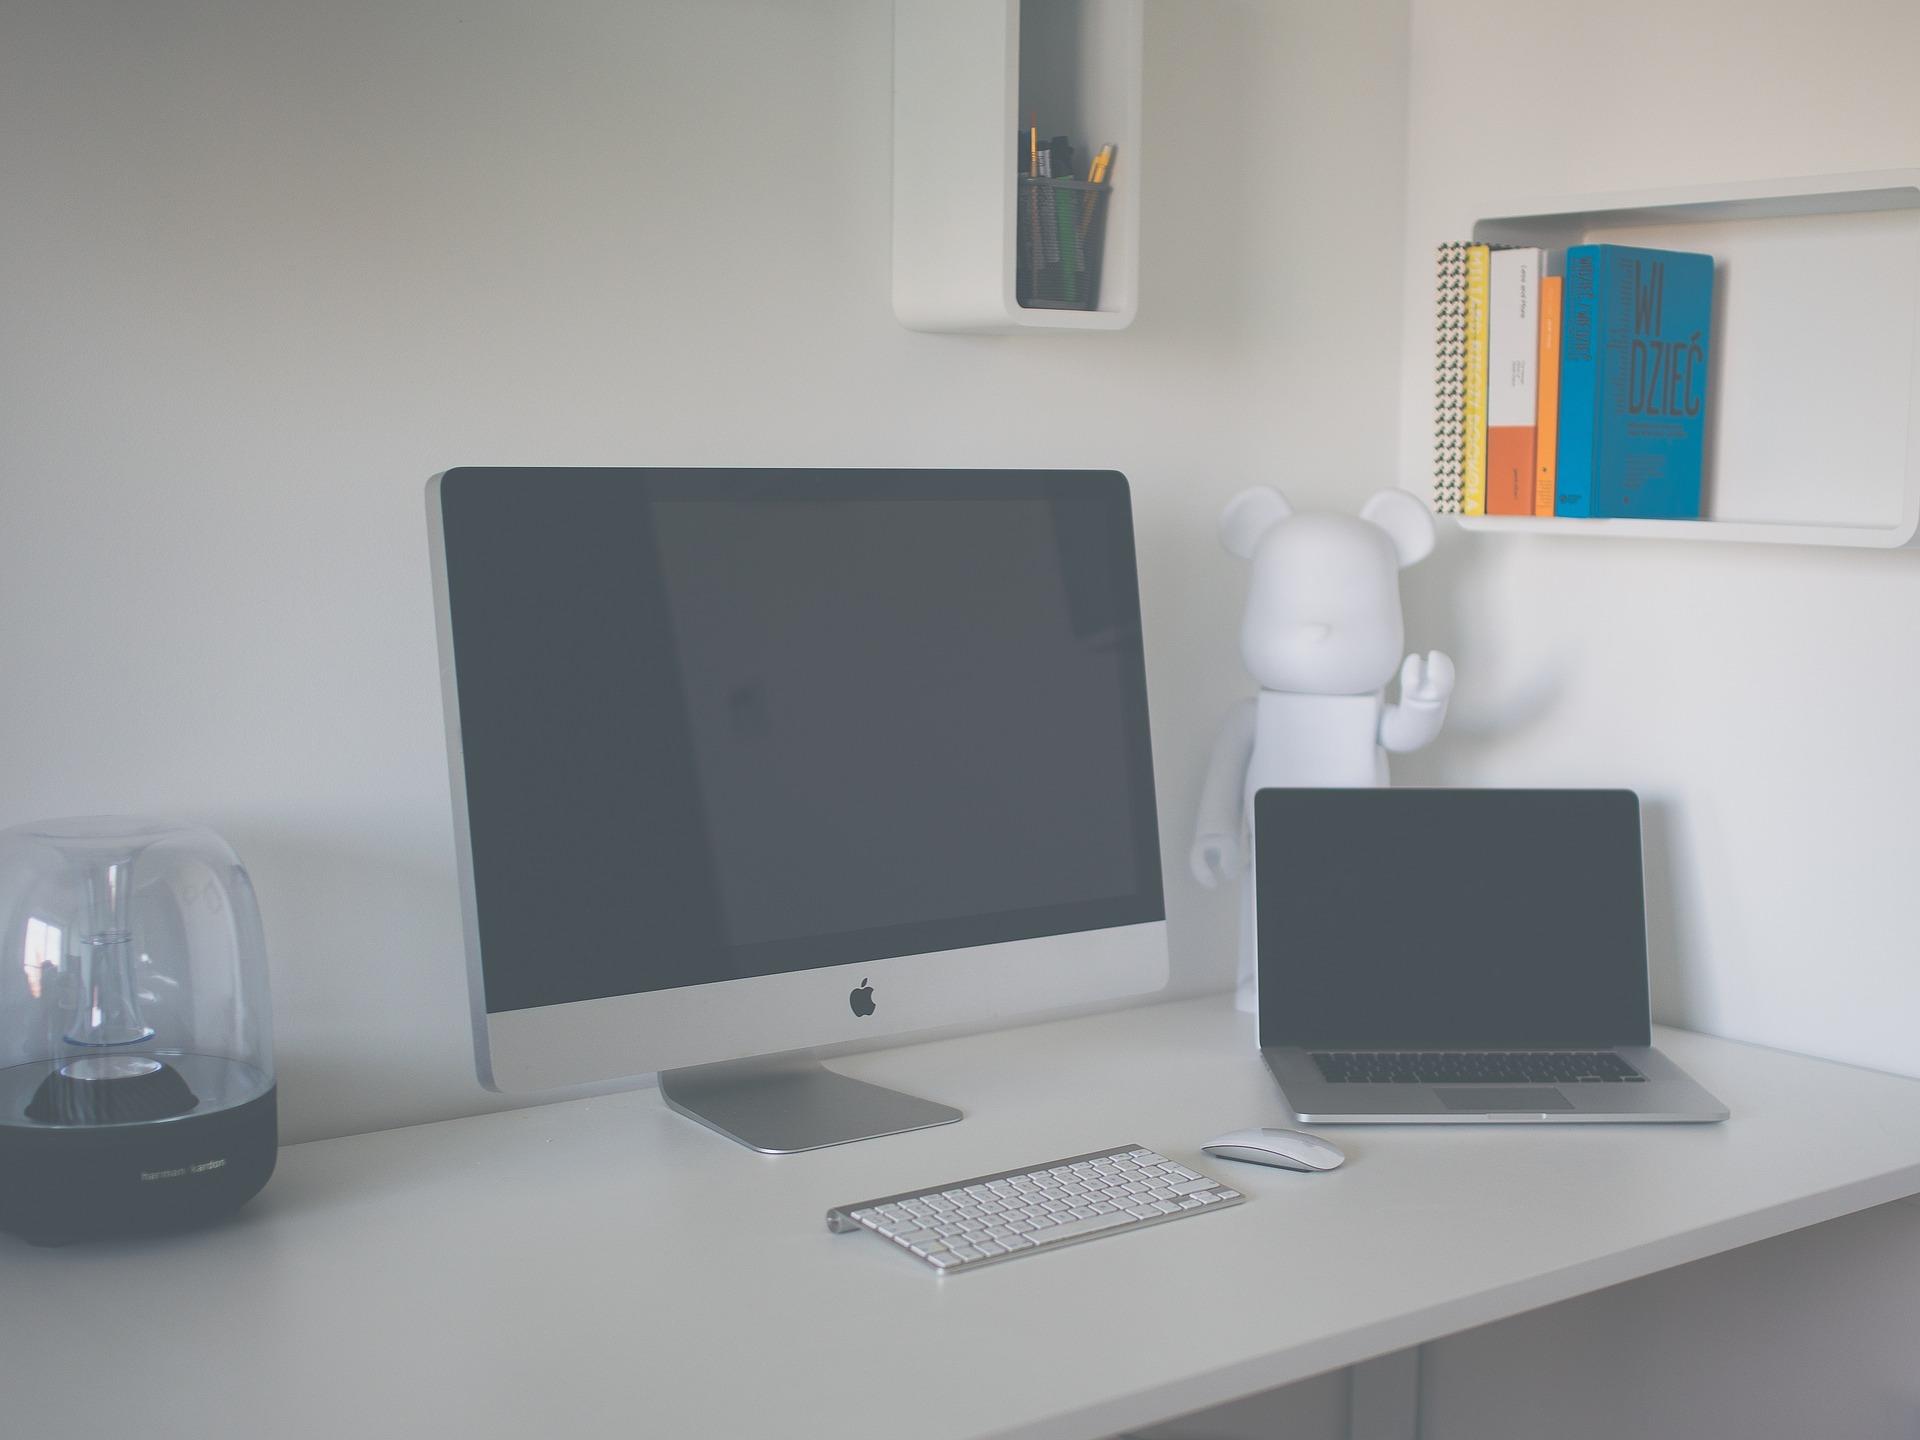 Mesa para trabalho ou estudo